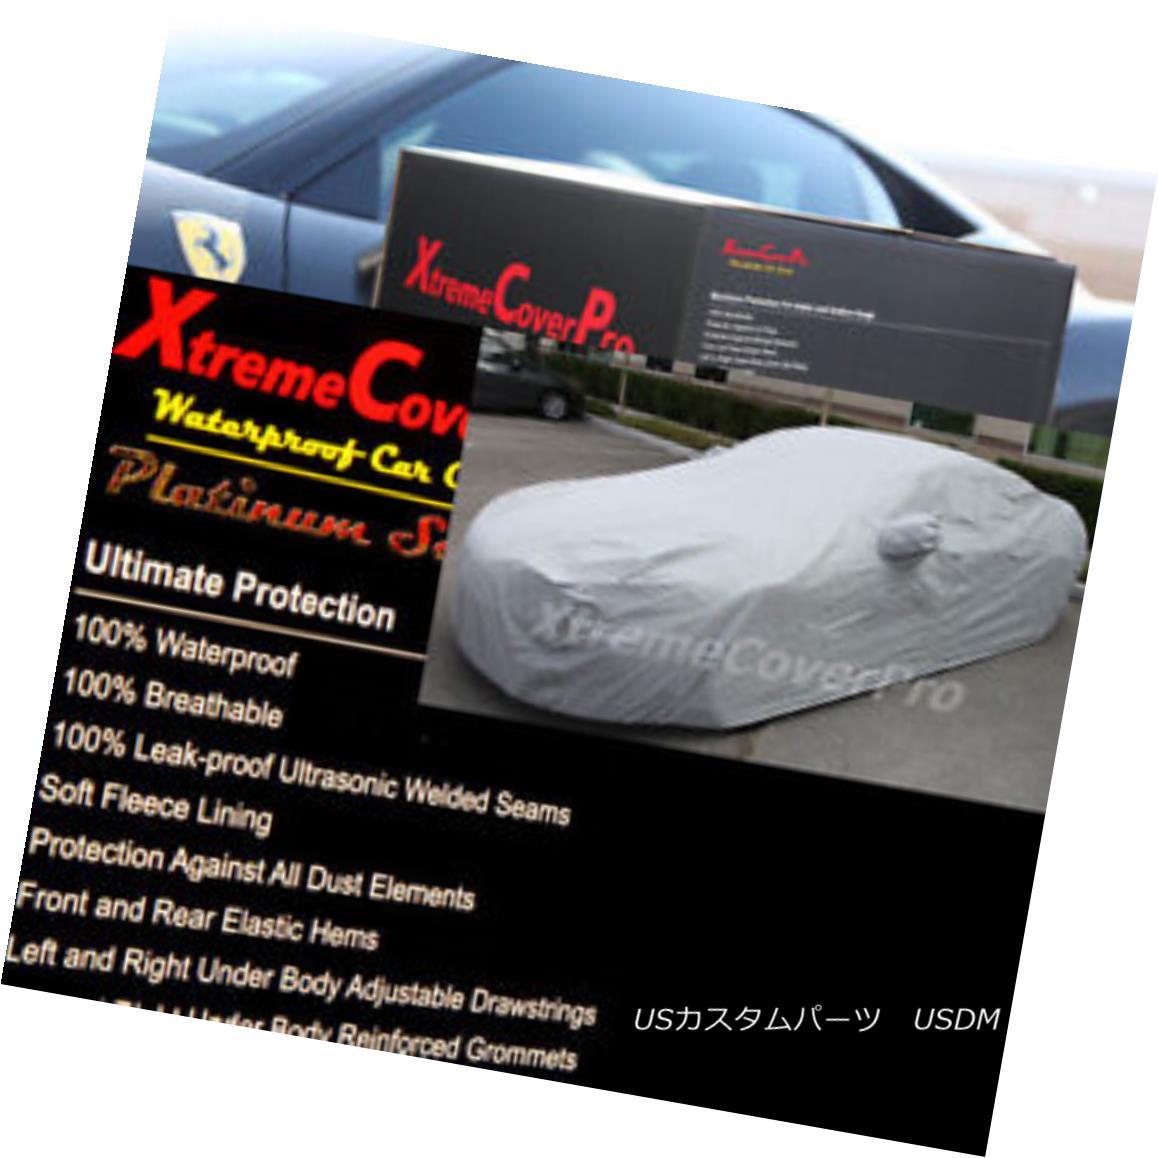 カーカバー 2014 MAZDA MAZDA2 Waterproof Car Cover w/ Mirror Pocket 2014 MAZDA MAZDA2ミラーポケット付き防水カーカバー